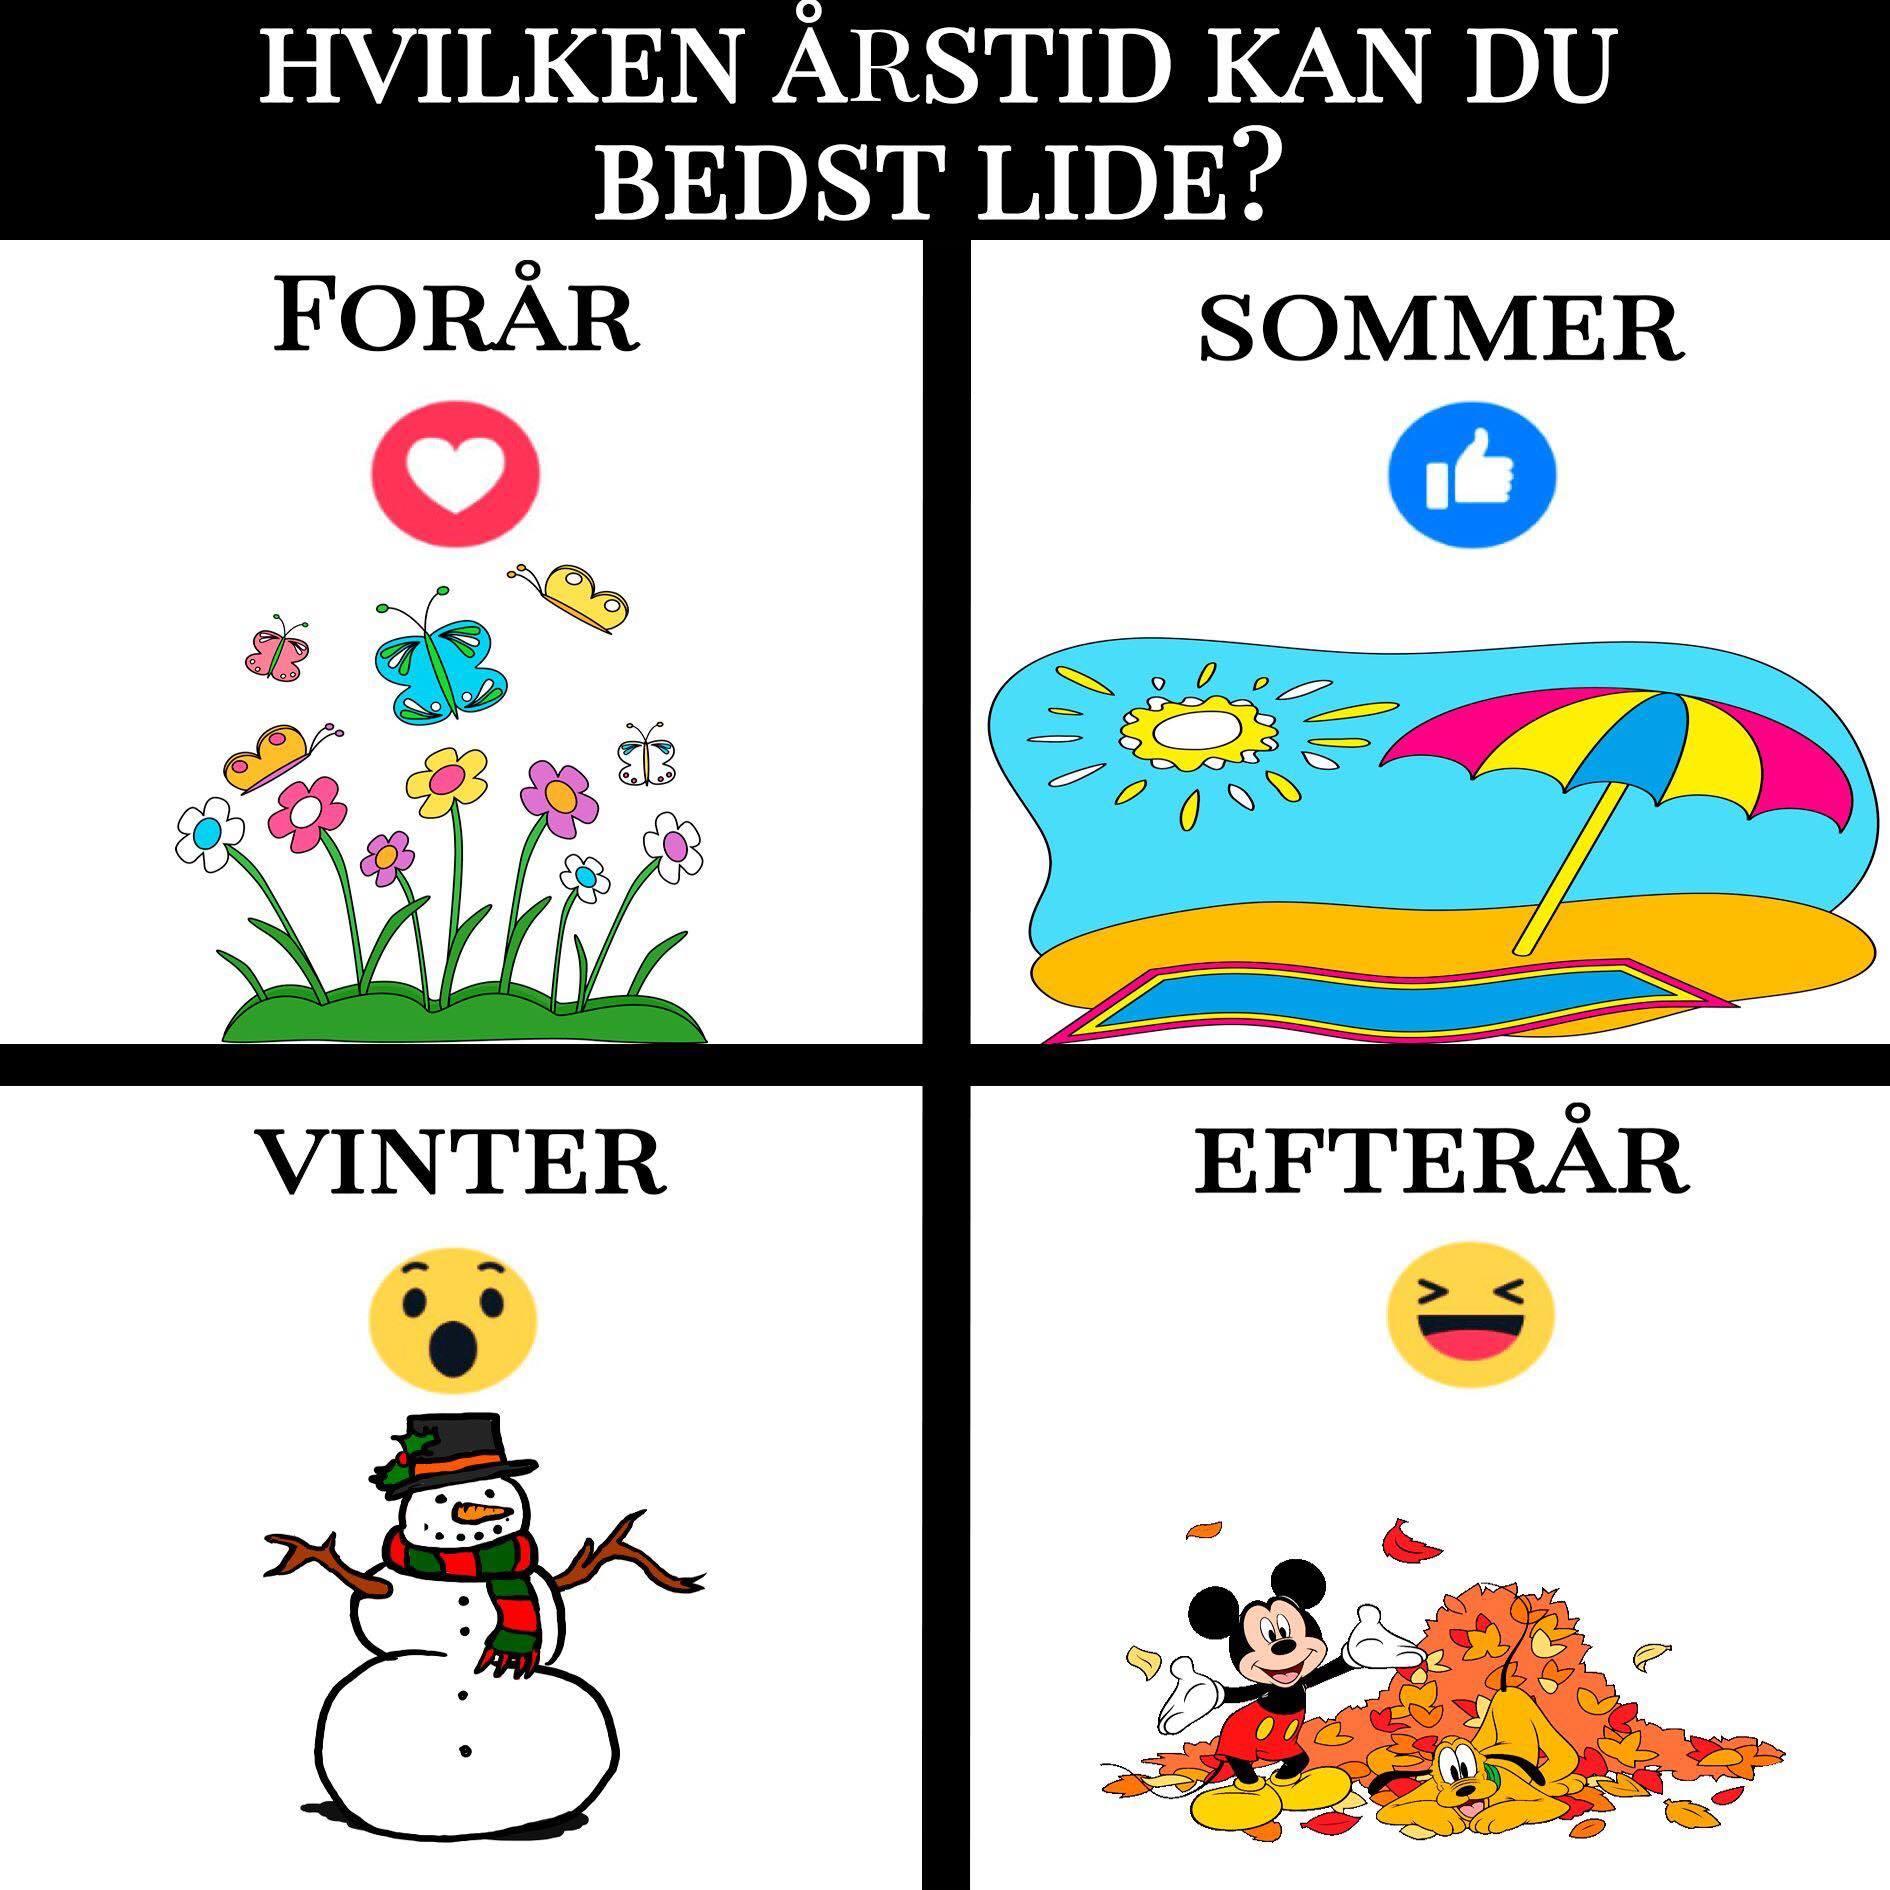 Hvilken årstid kan du bedst lide